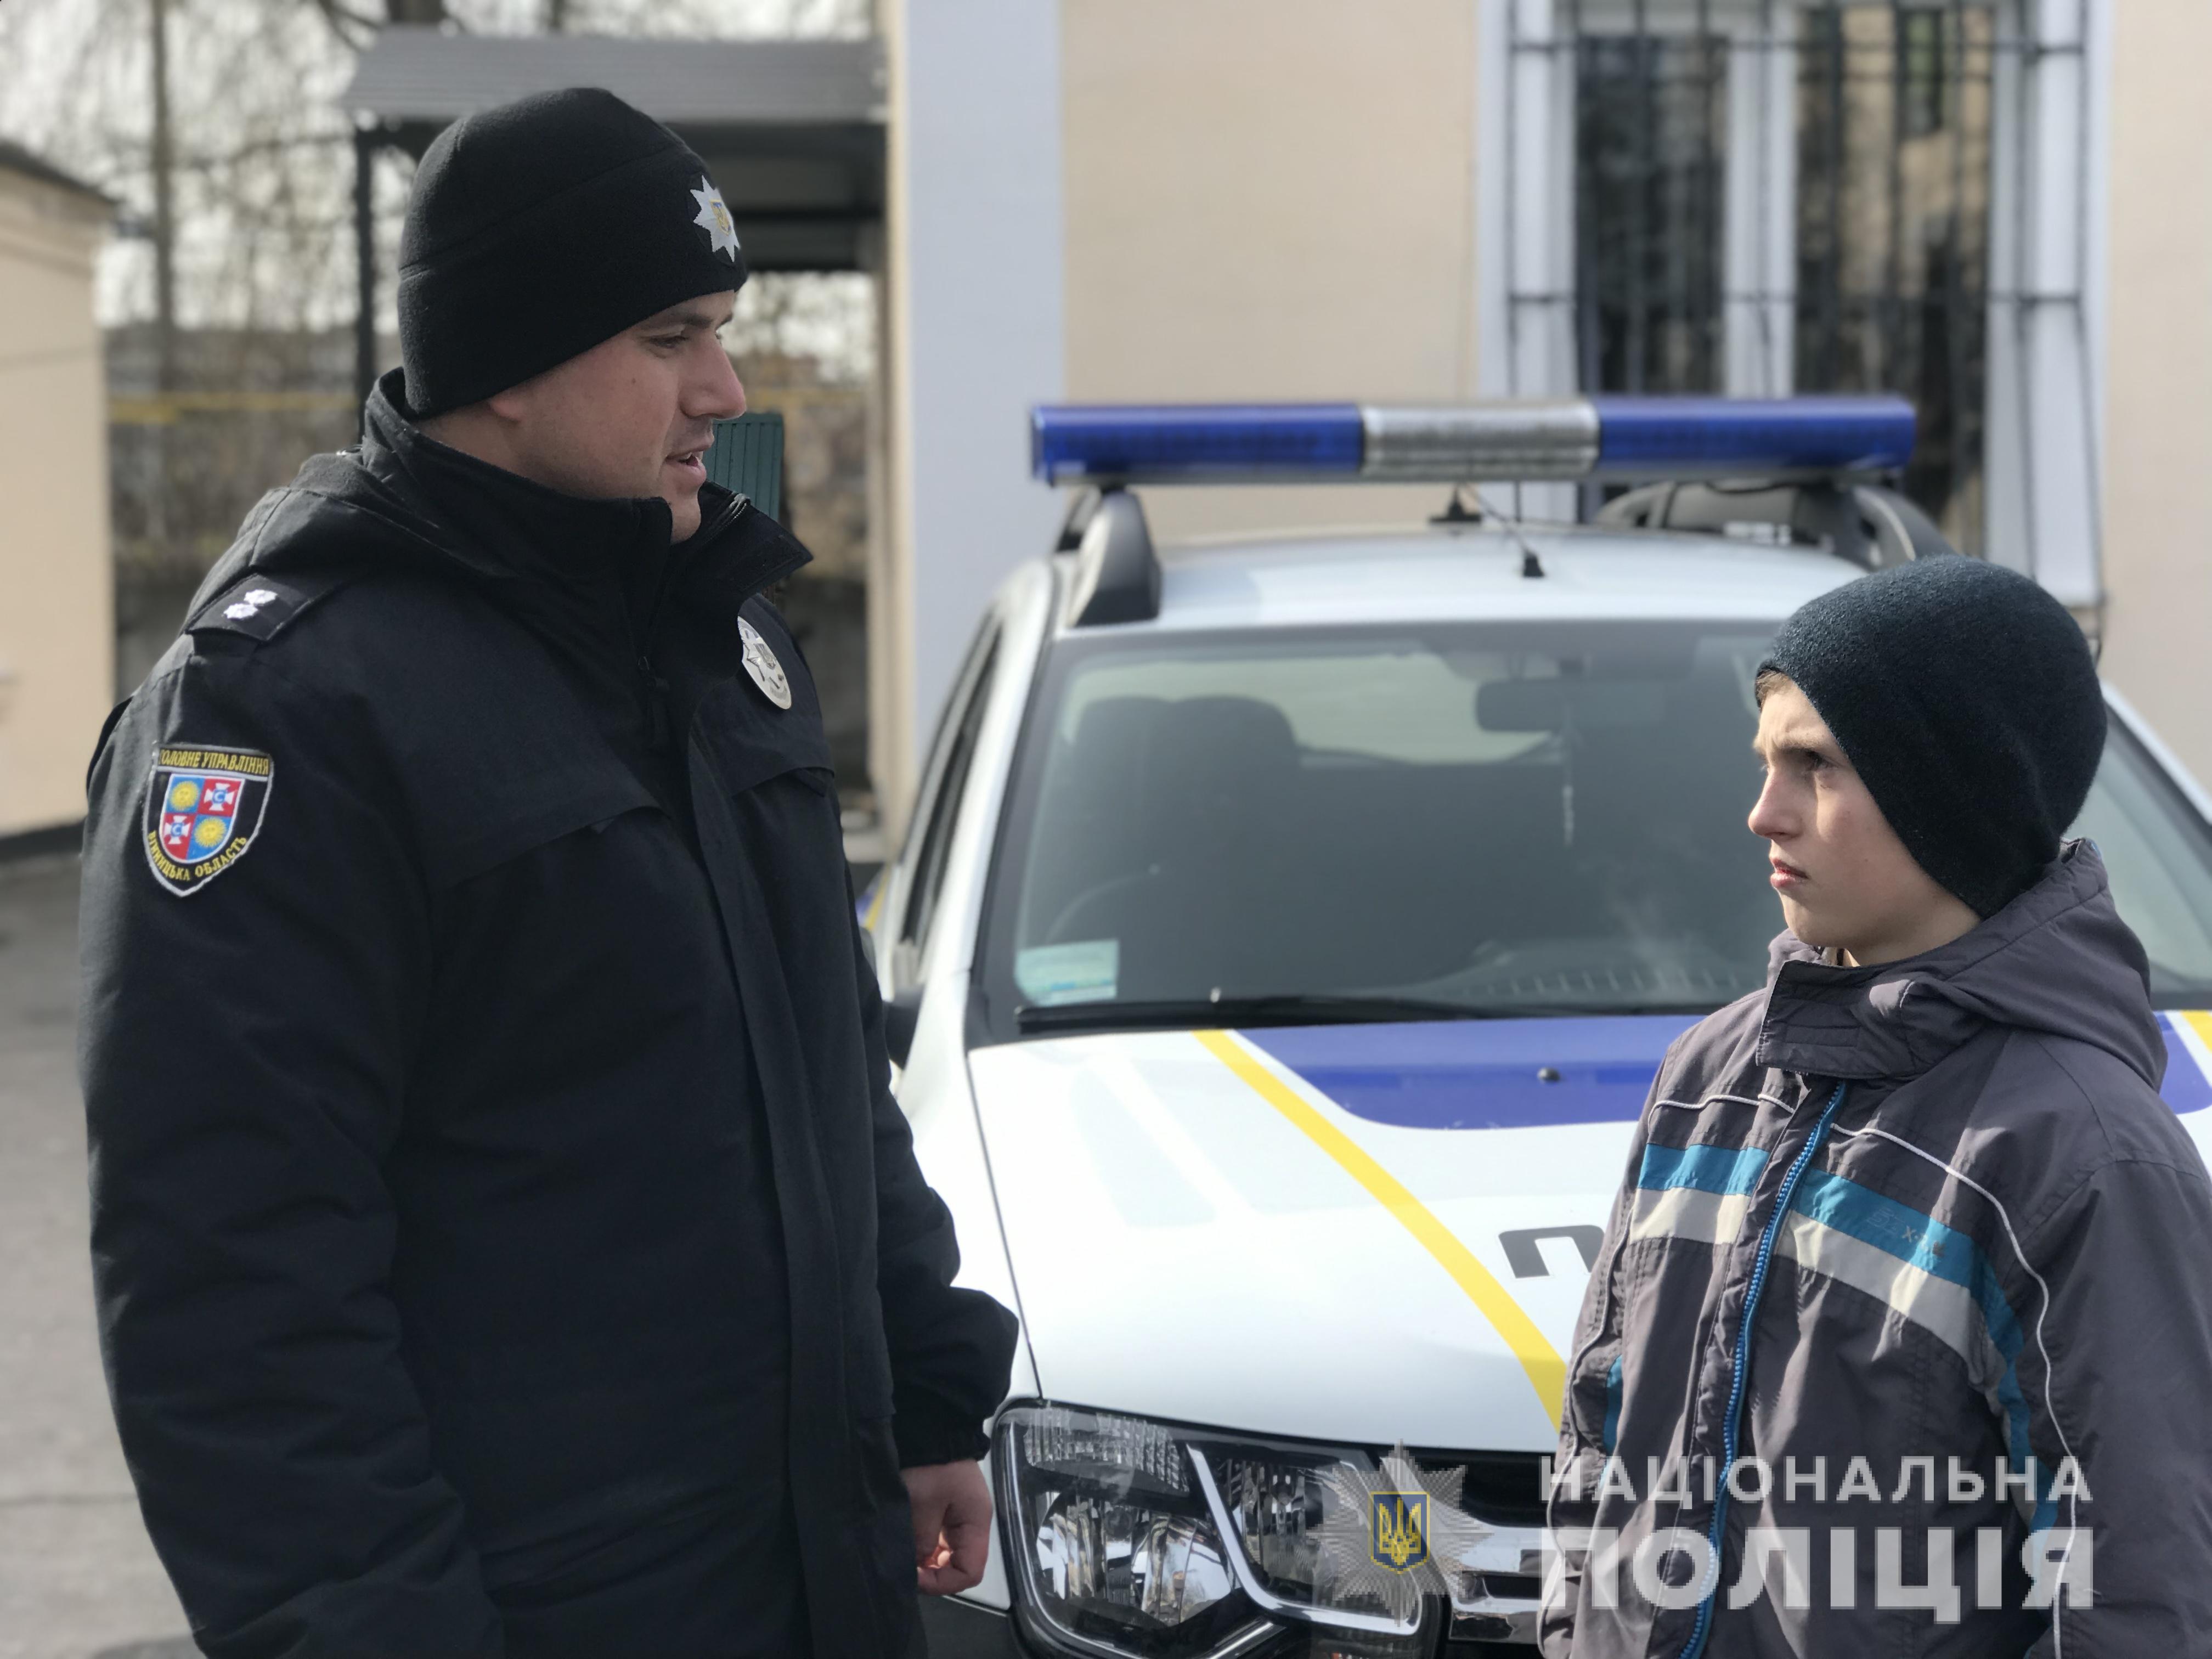 Стали відомі подробиці зникнення школяра у Вінниці. Хлопець ночував в покинутому автомобілі